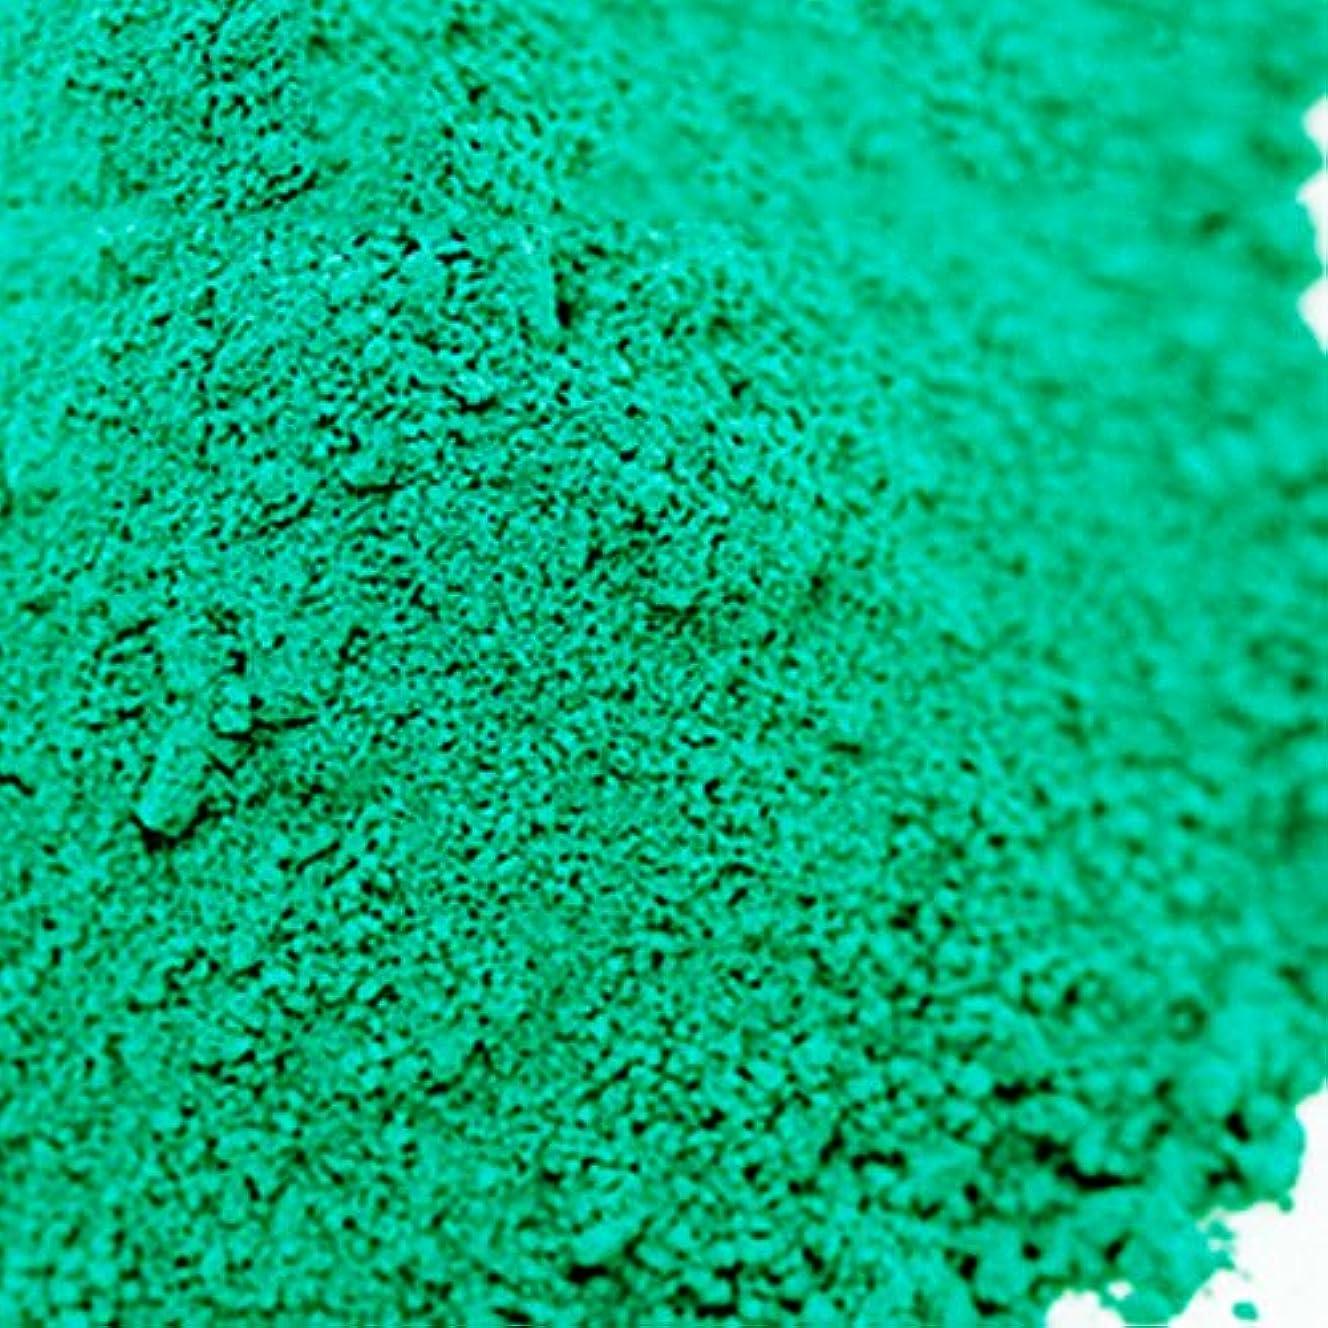 教えてレッスン懲戒水酸化クロム グリーン 20g 【手作り石鹸/手作りコスメ/色付け/カラーラント/緑】